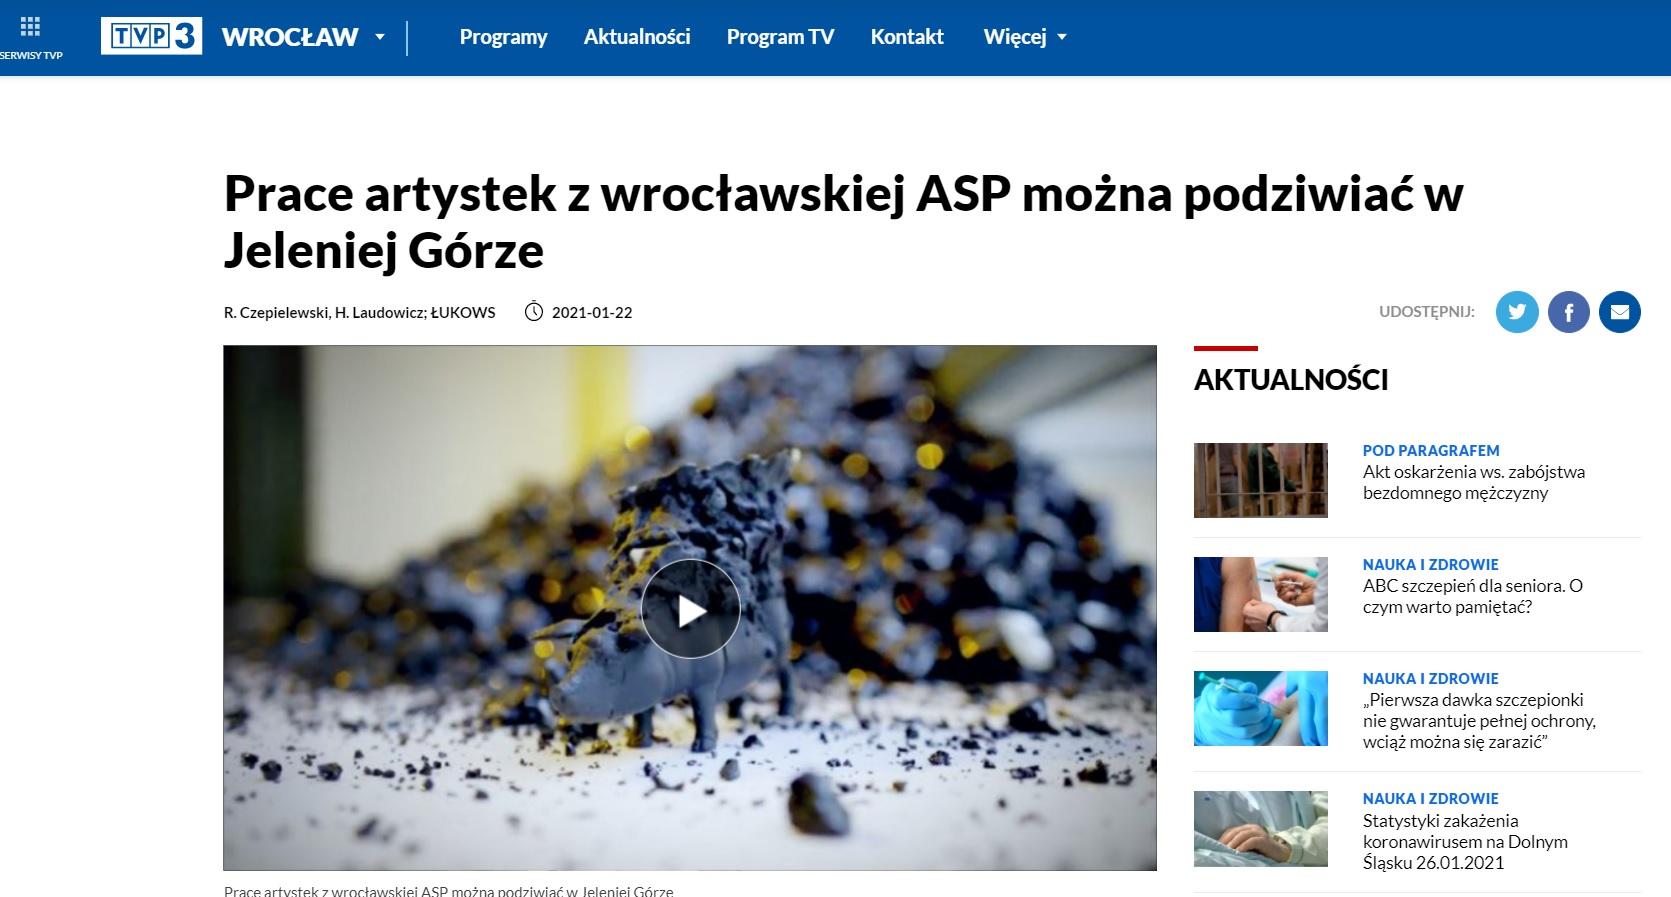 Na zdjęciu zrzut ekranu ze strony tvp3 Wrocław dotyczący publikacji o Muzeum